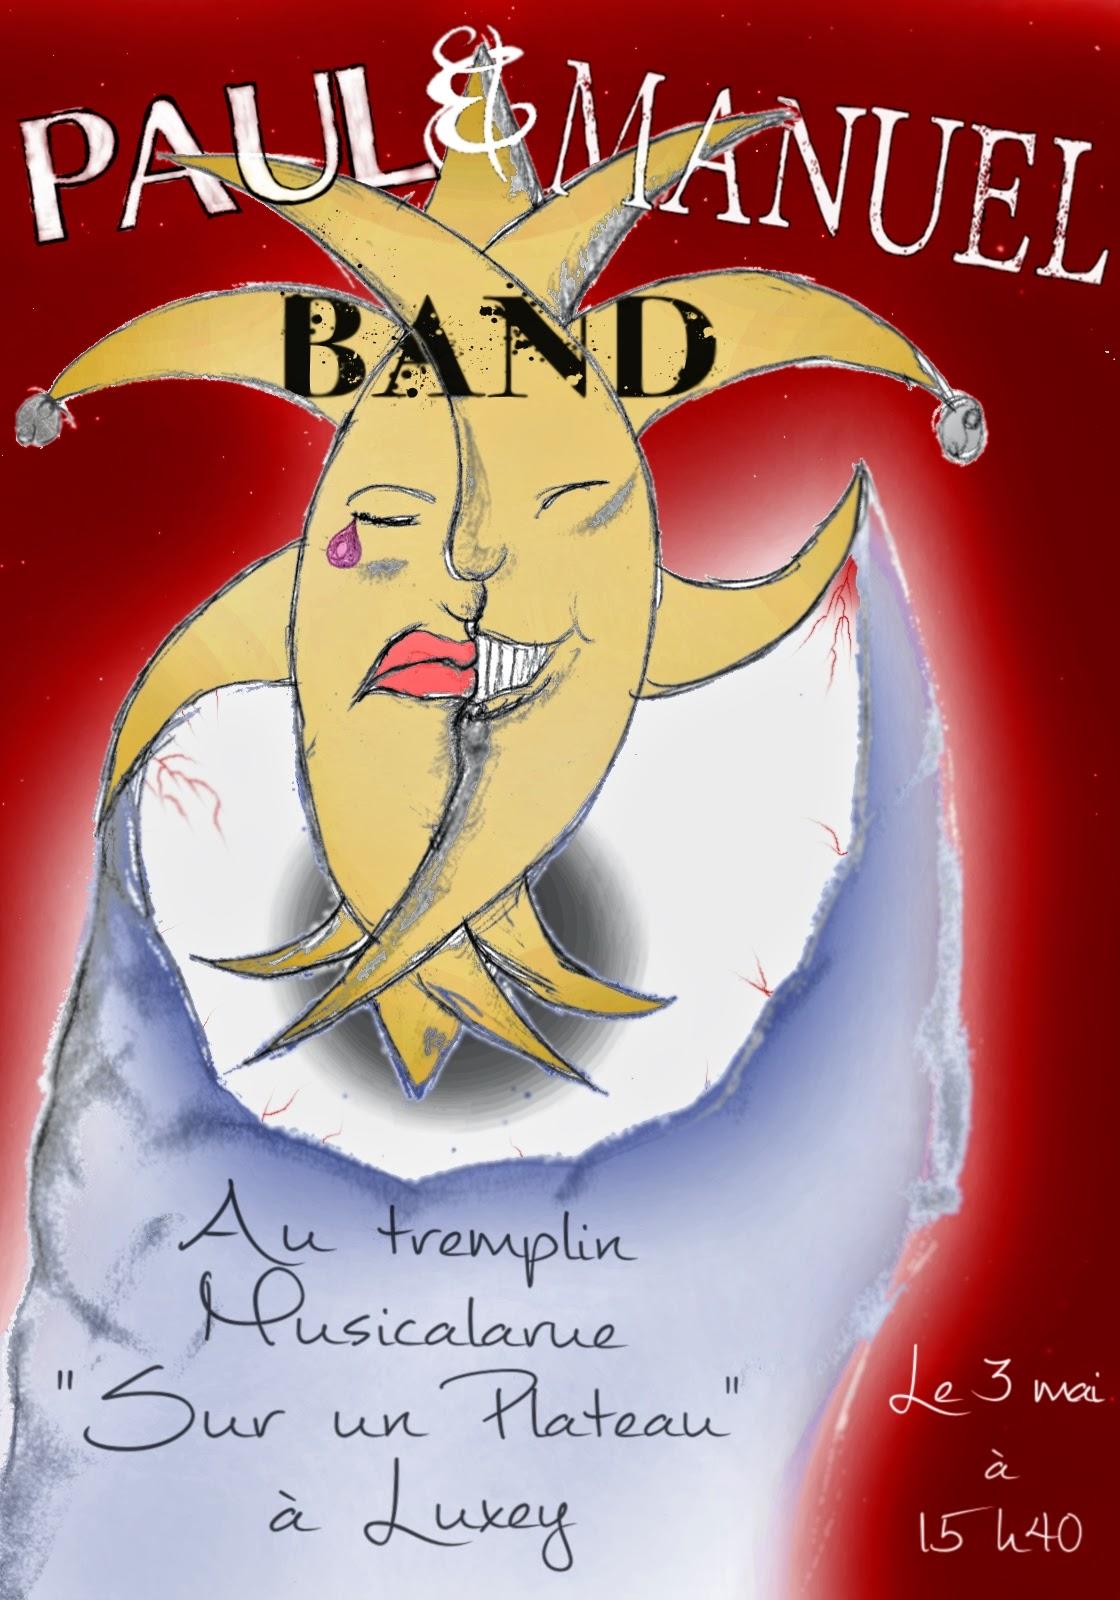 """Affiche Paul & Manuel Band 3 mai tremplin """"Sur un plateau"""""""